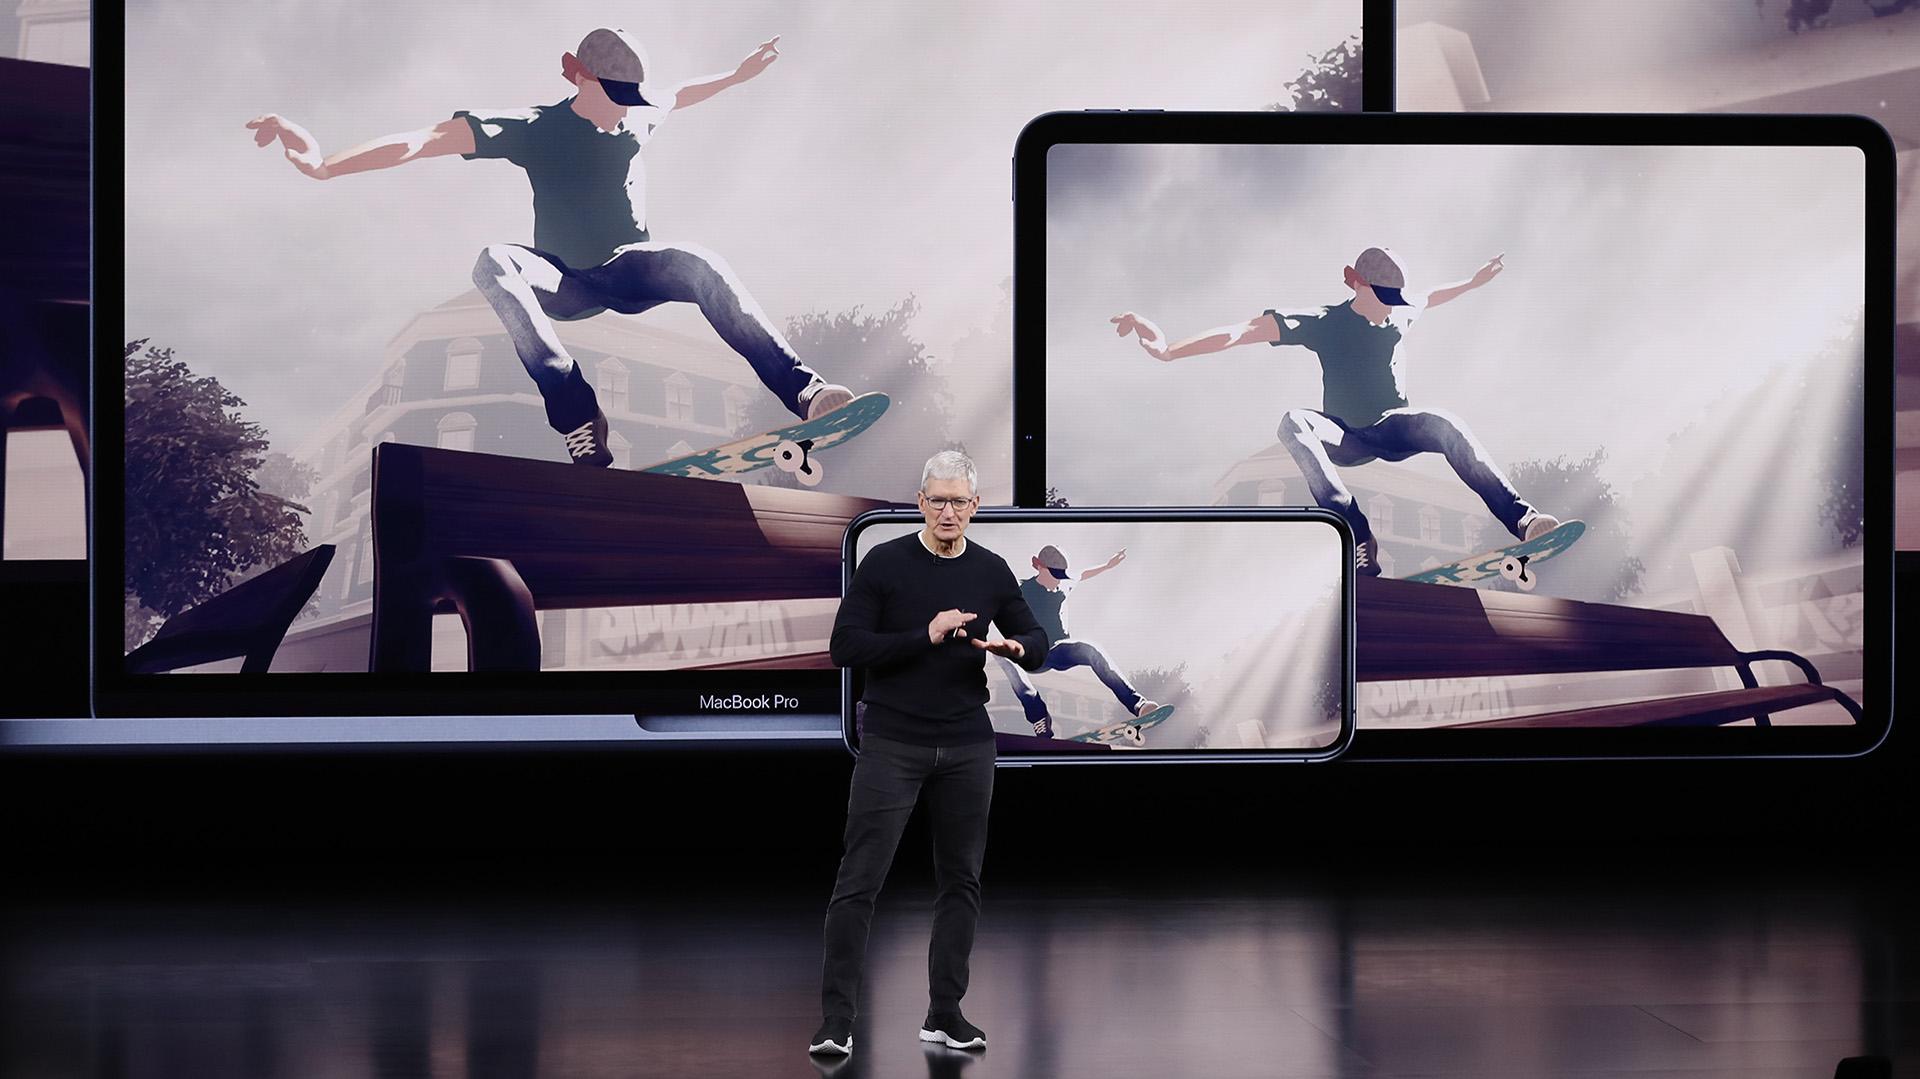 Por largo tiempo Apple destacó su ventaja competitiva sobre rivales como Samsung Electronics Co Ltd, que fabrica teléfonos, o Google de Alphabet Inc, que provee el sistema operativo Android para la mayoría de los teléfonos (REUTERS/Stephen Lam)